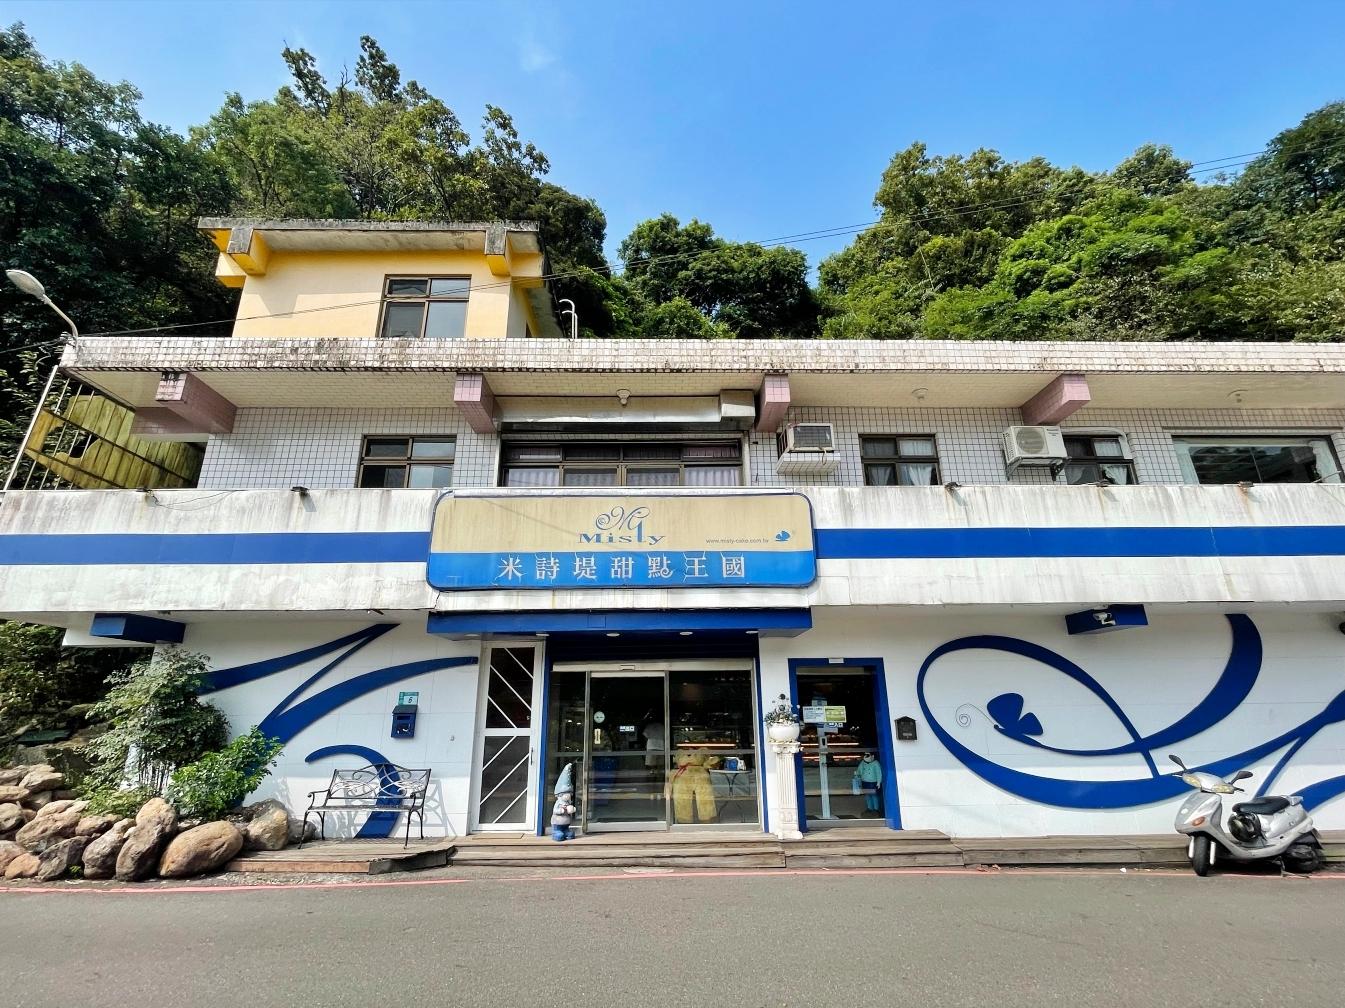 [瑞芳美食]米詩堤甜點王國 往北海岸必經顯眼的藍白建築~14公分大的巨無霸酥皮泡芙 @VIVIYU小世界